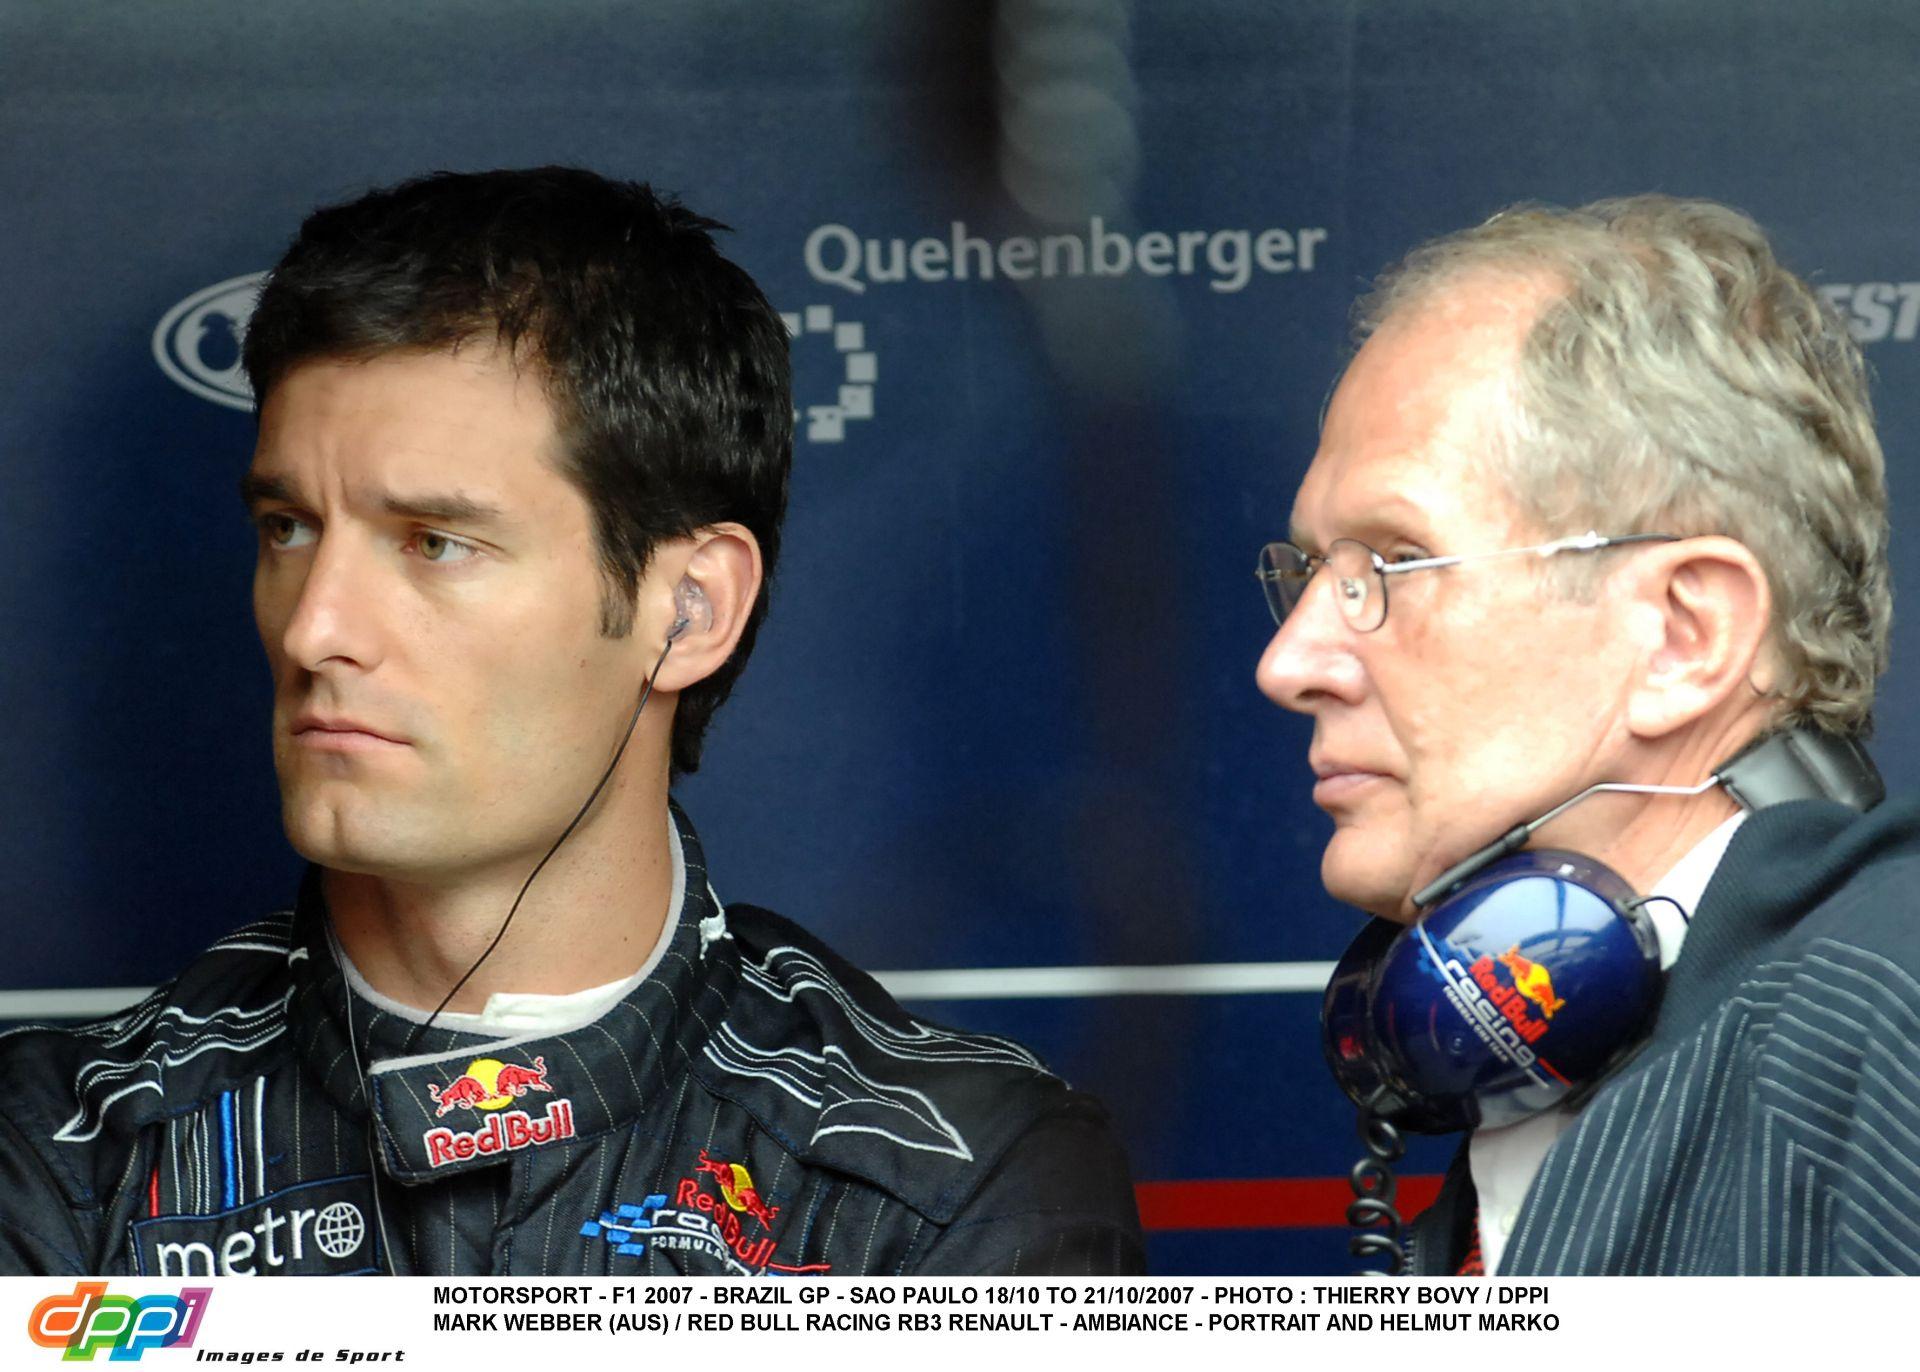 Helmut Marko kimondja, amit gondol: Webber, Te mindig sz*r voltál Valenciában!